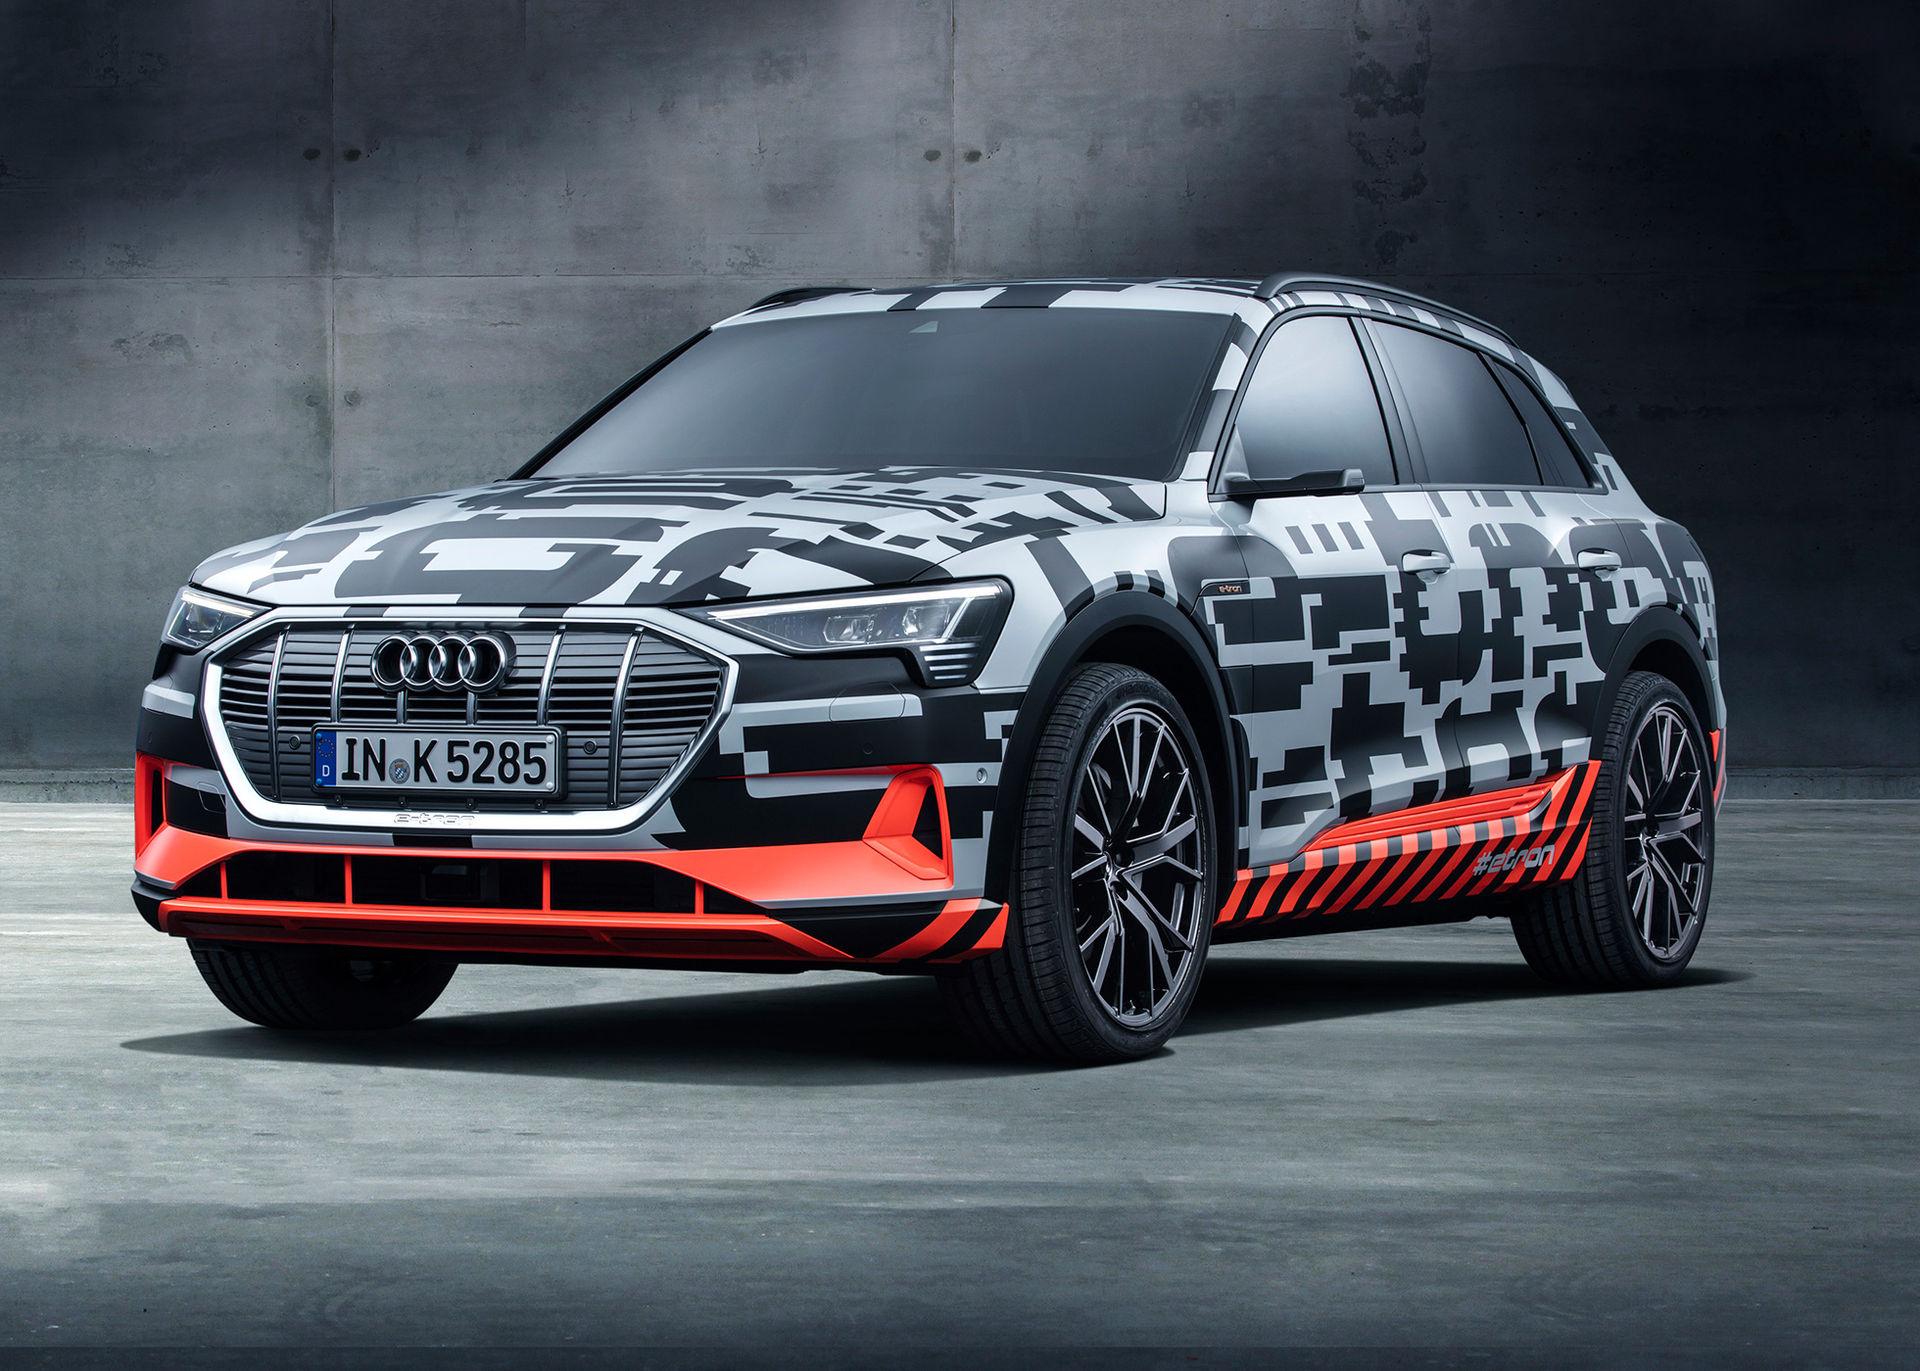 Nu kan du förhandsboka Audis första elbil